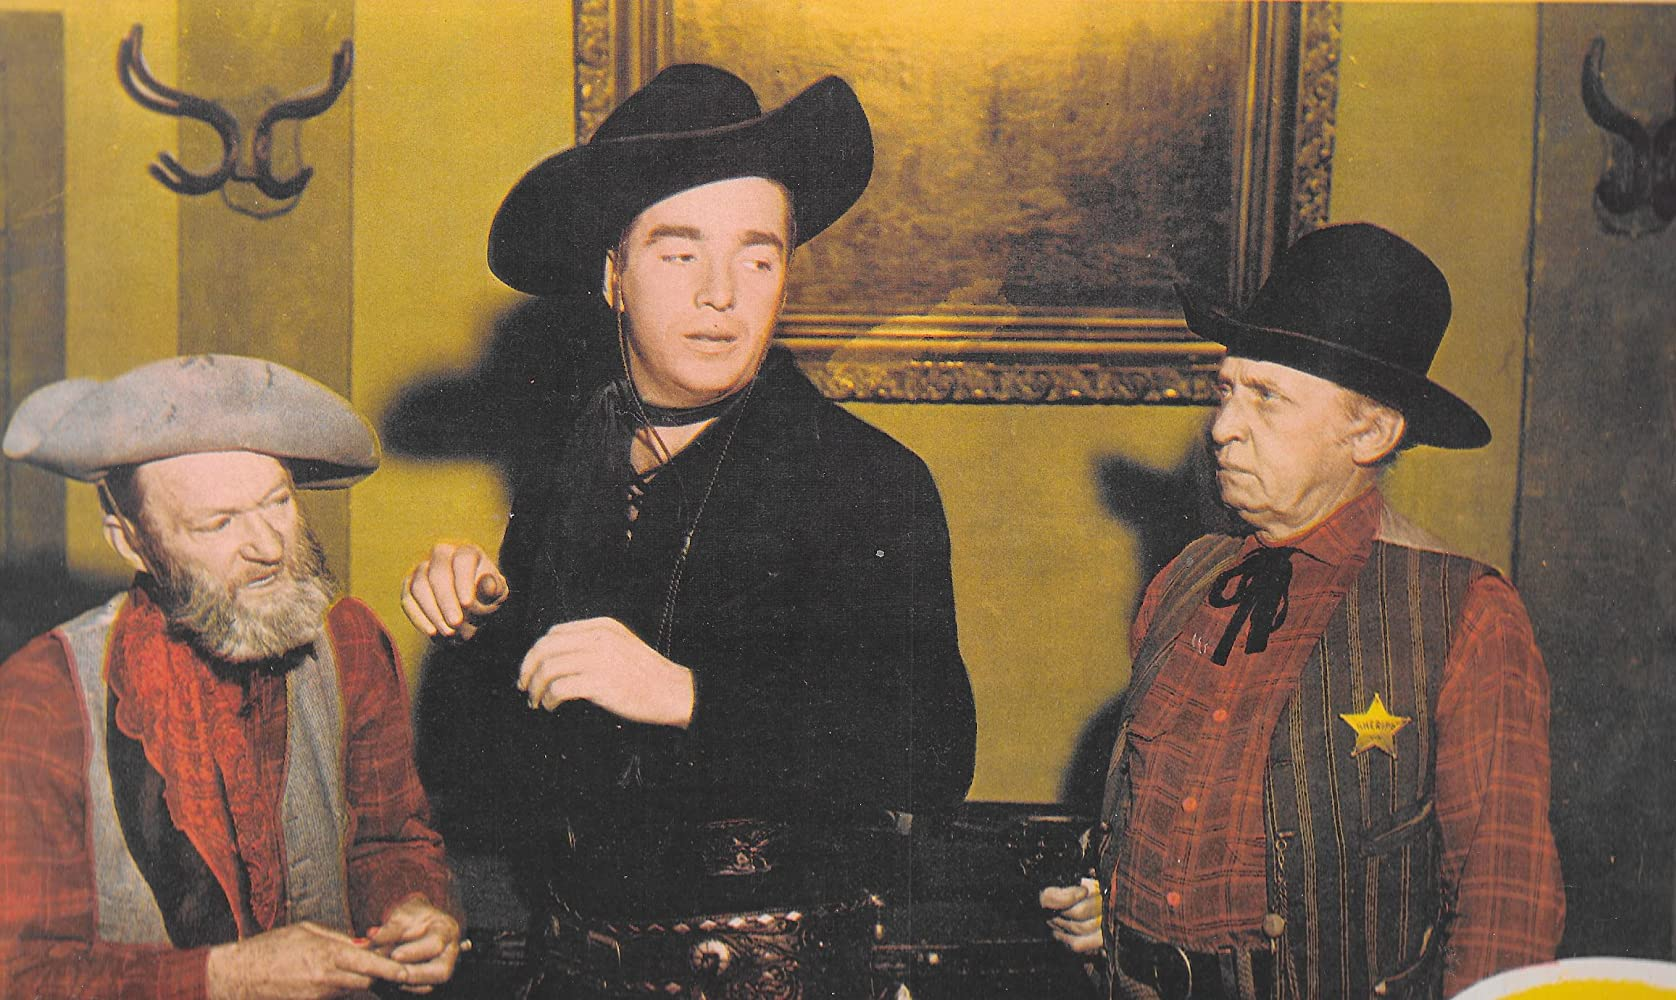 Raymond Hatton Lash La Rue and Al St John in The Daltons Women 1950